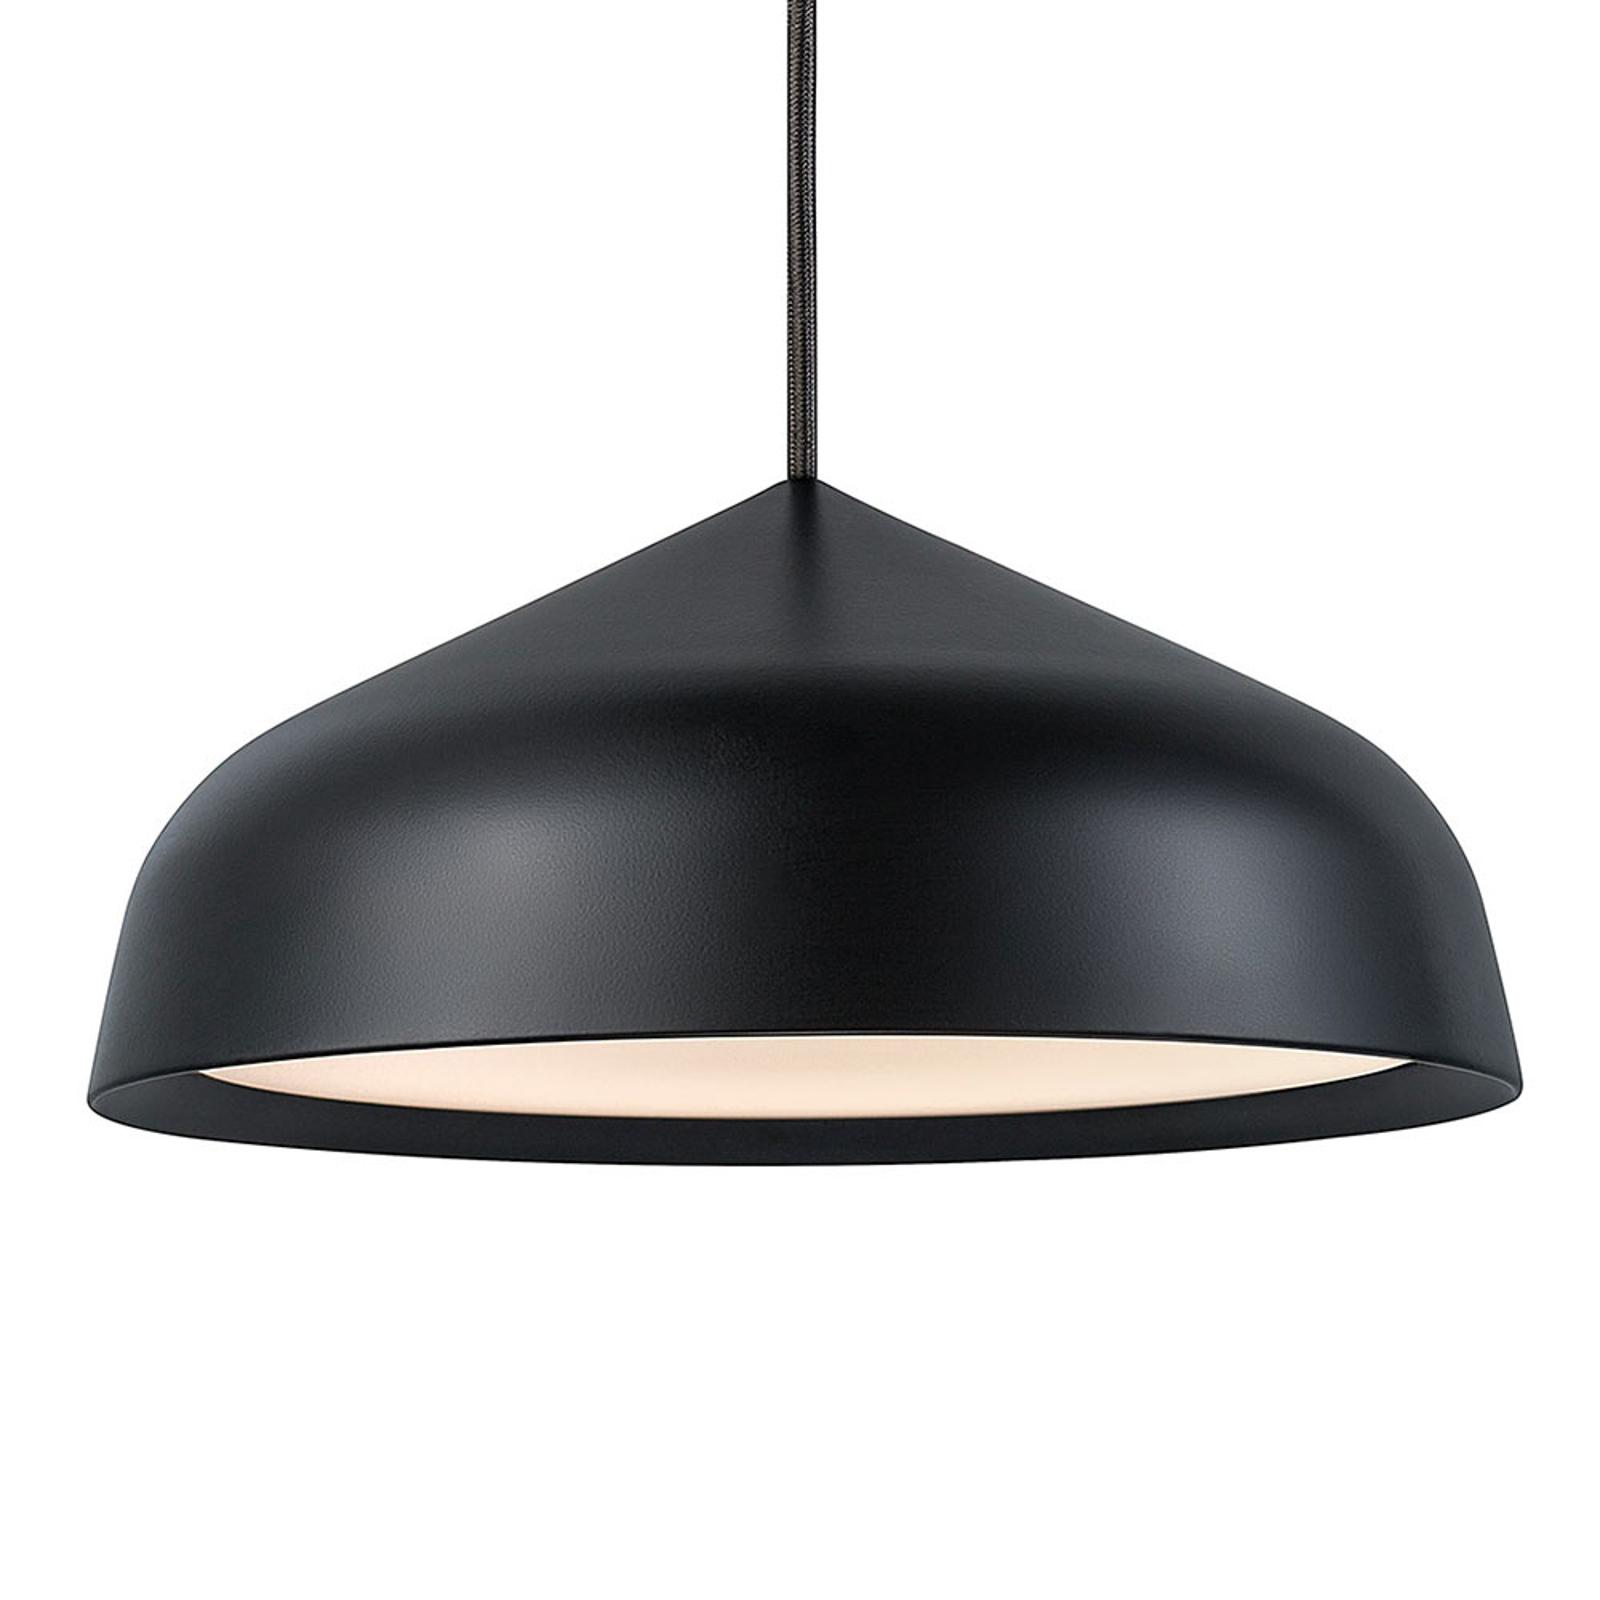 LED-Hängeleuchte Fura, 25 cm, schwarz